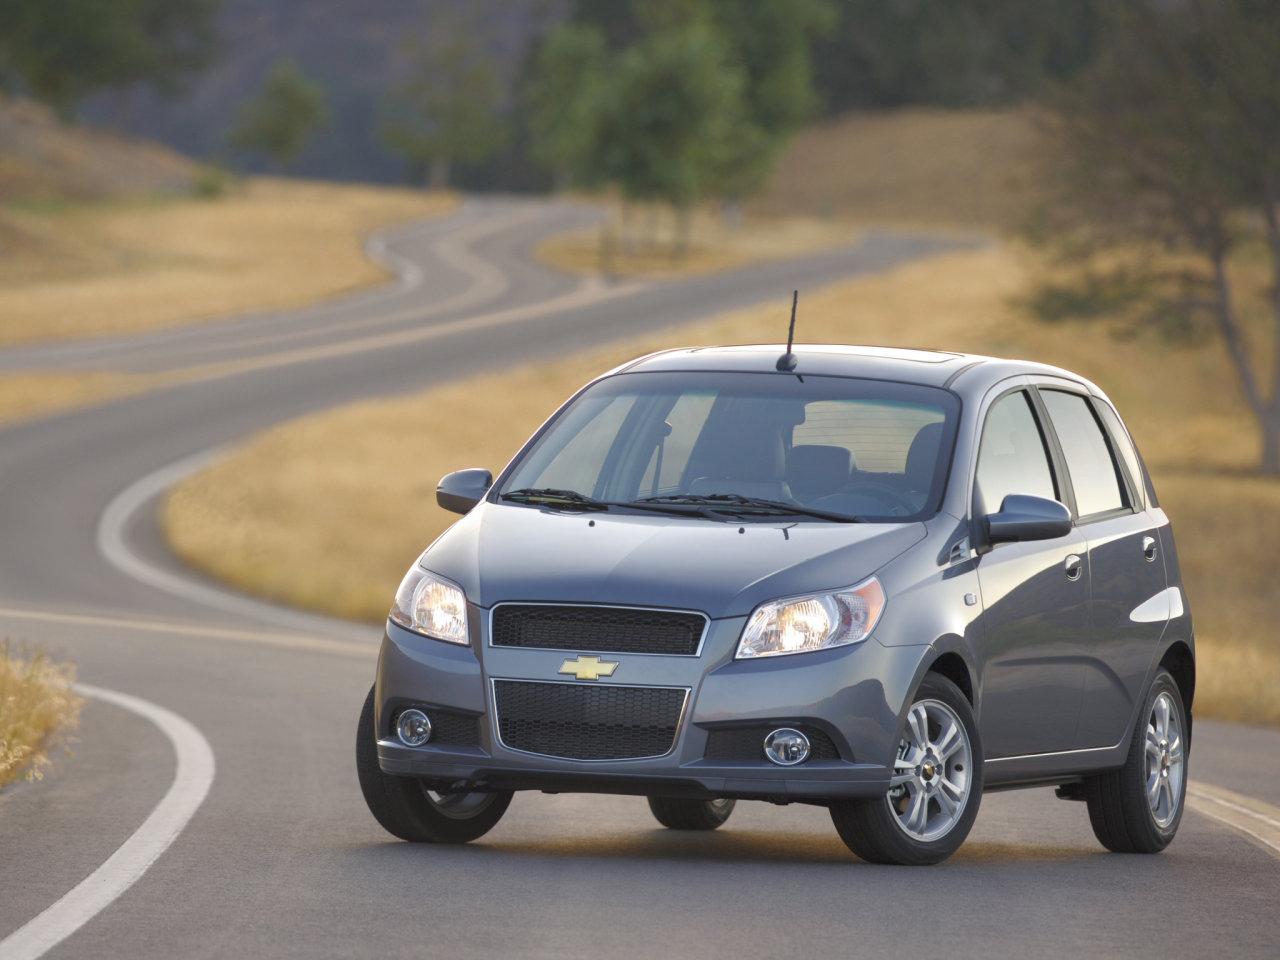 2011 Chevrolet Aveo Image.